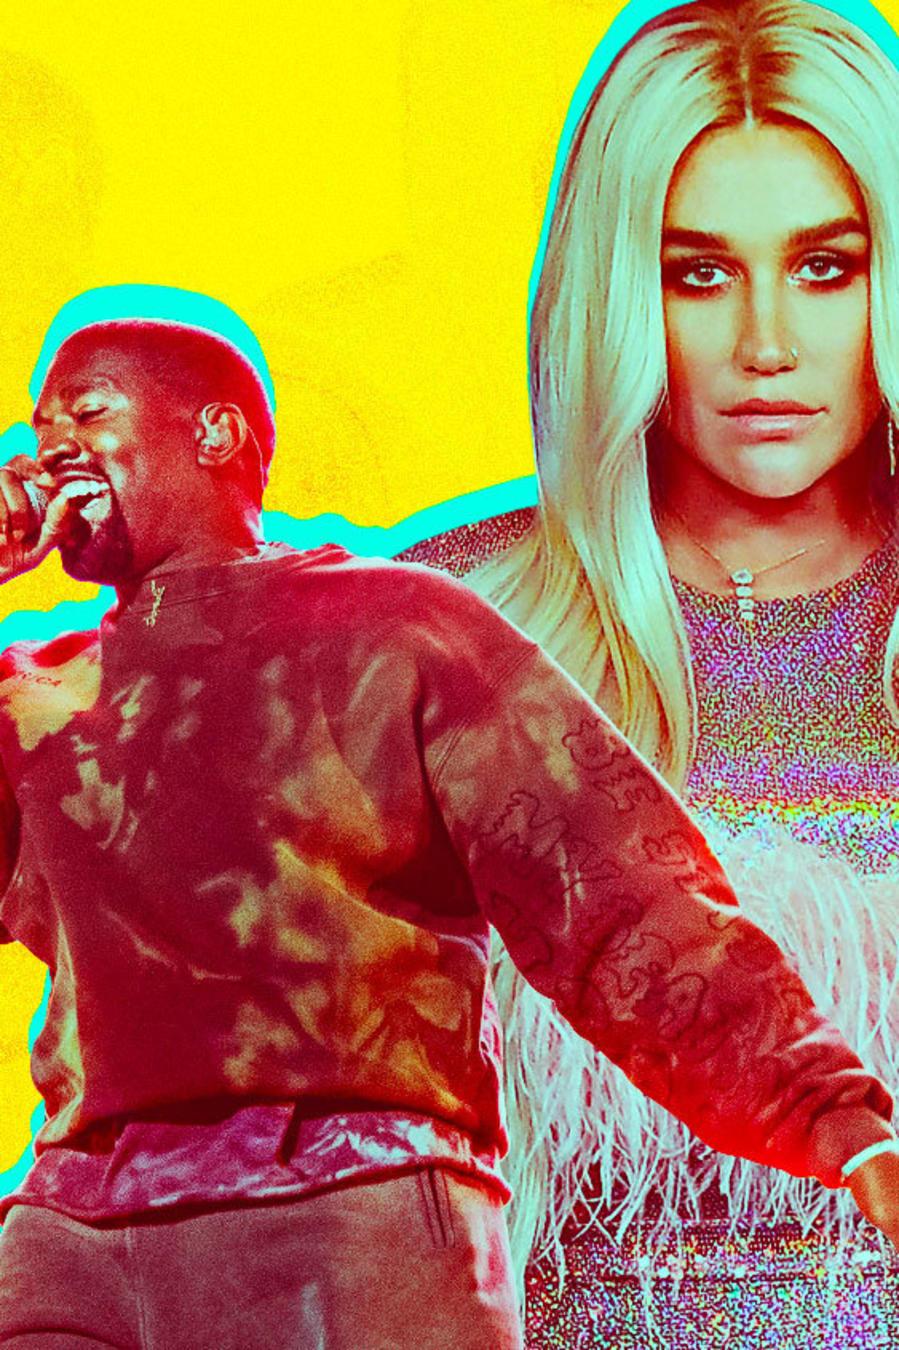 Billboard's Fall album preview